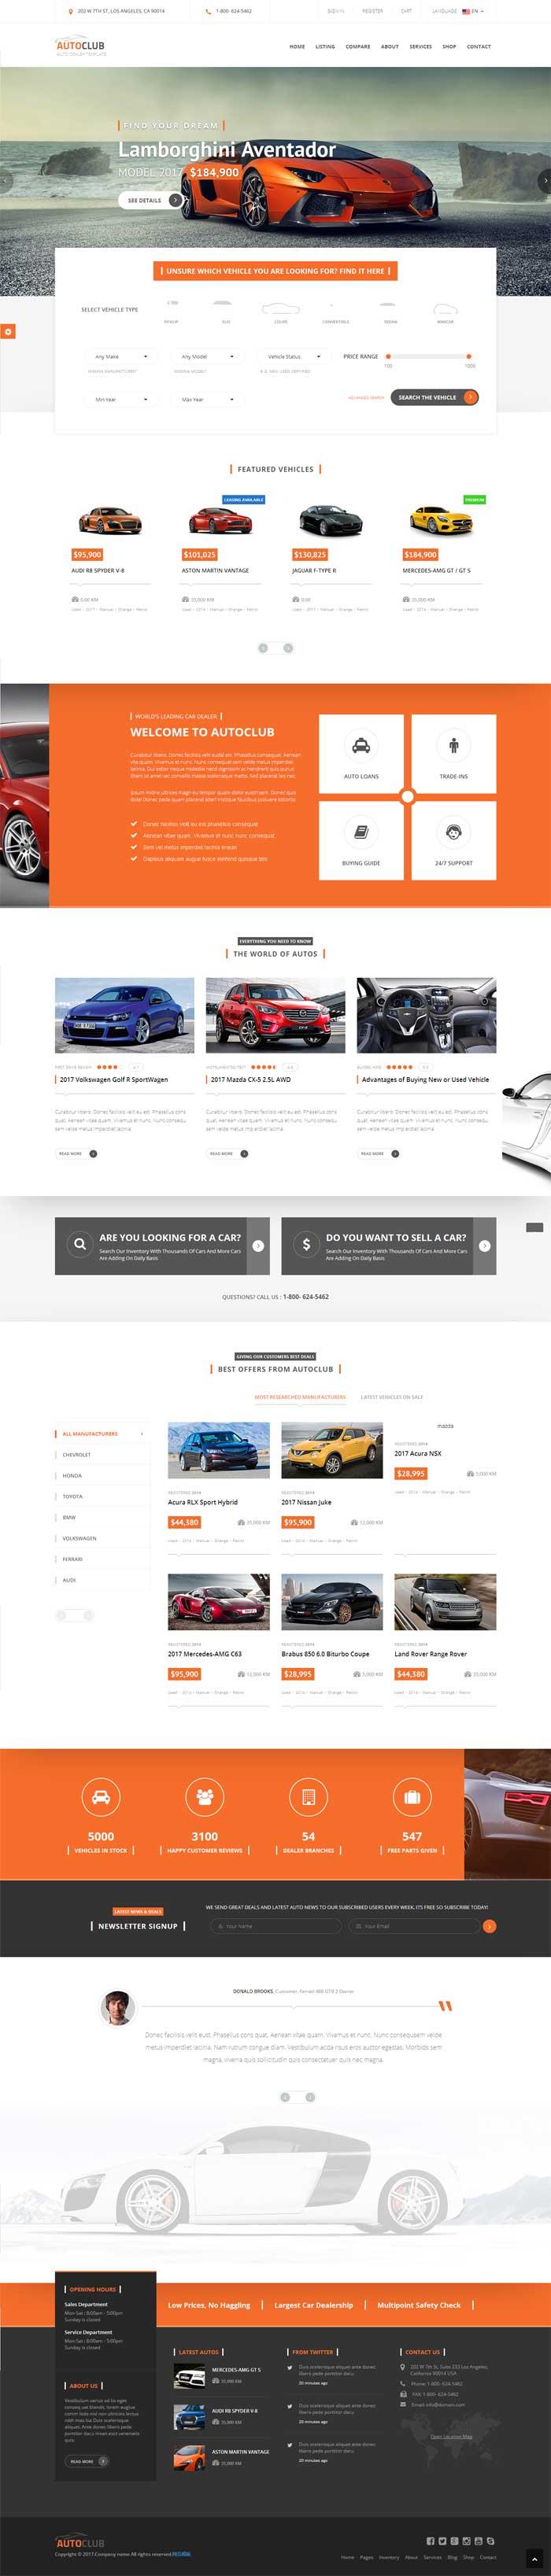 橙色大气的4S店汽车销售网站模板html整站